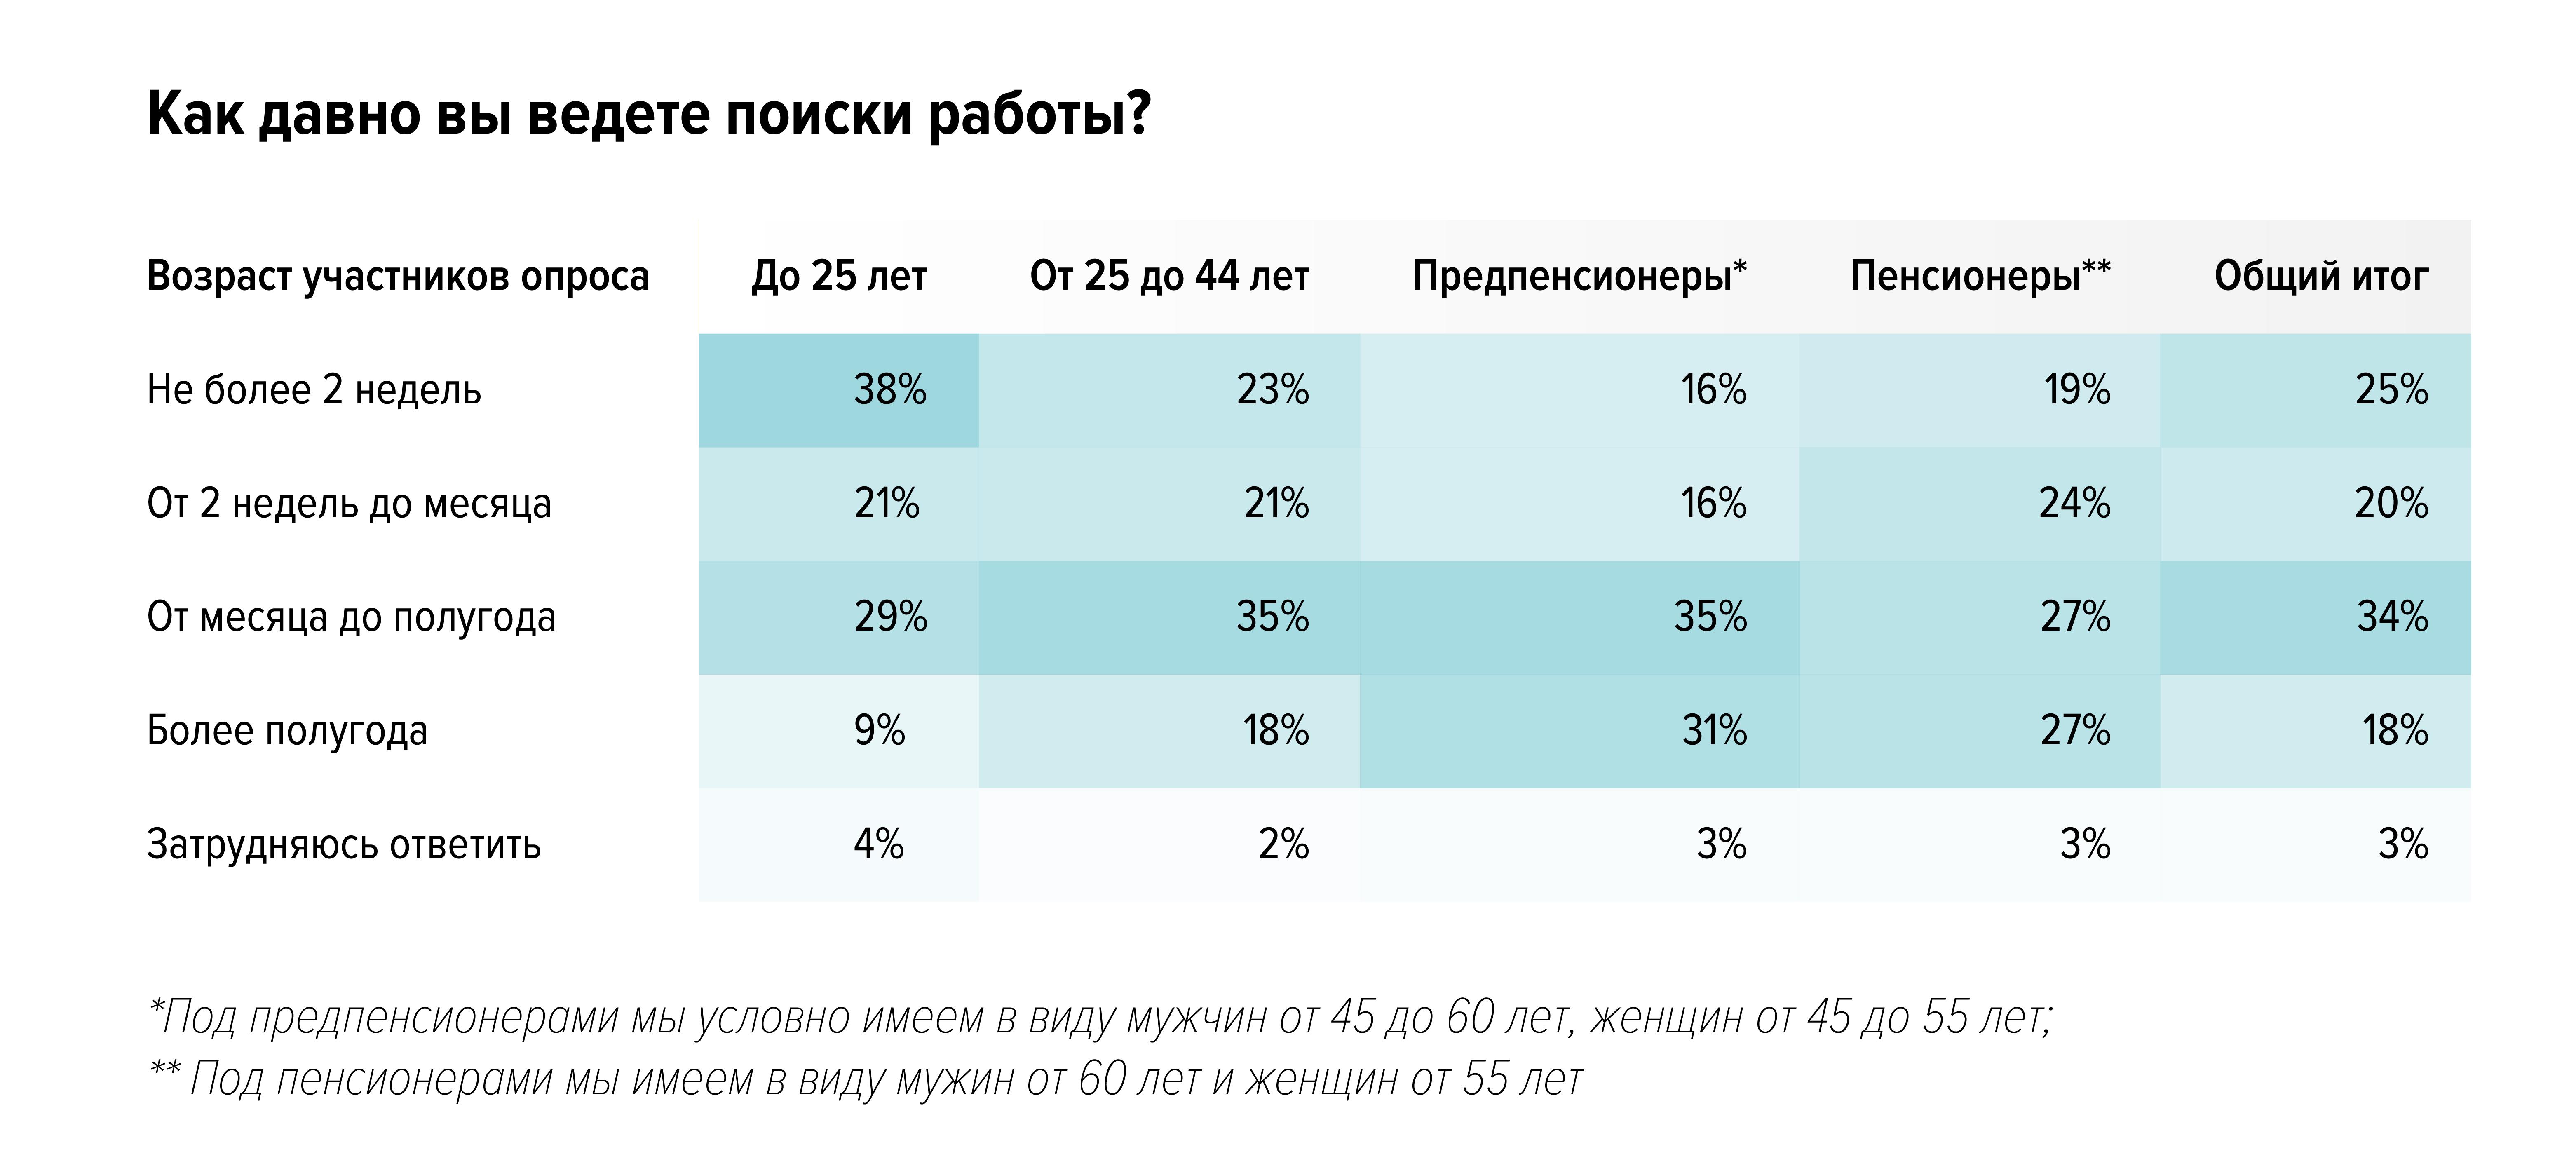 Работа и возраст: стереотипы и реальность